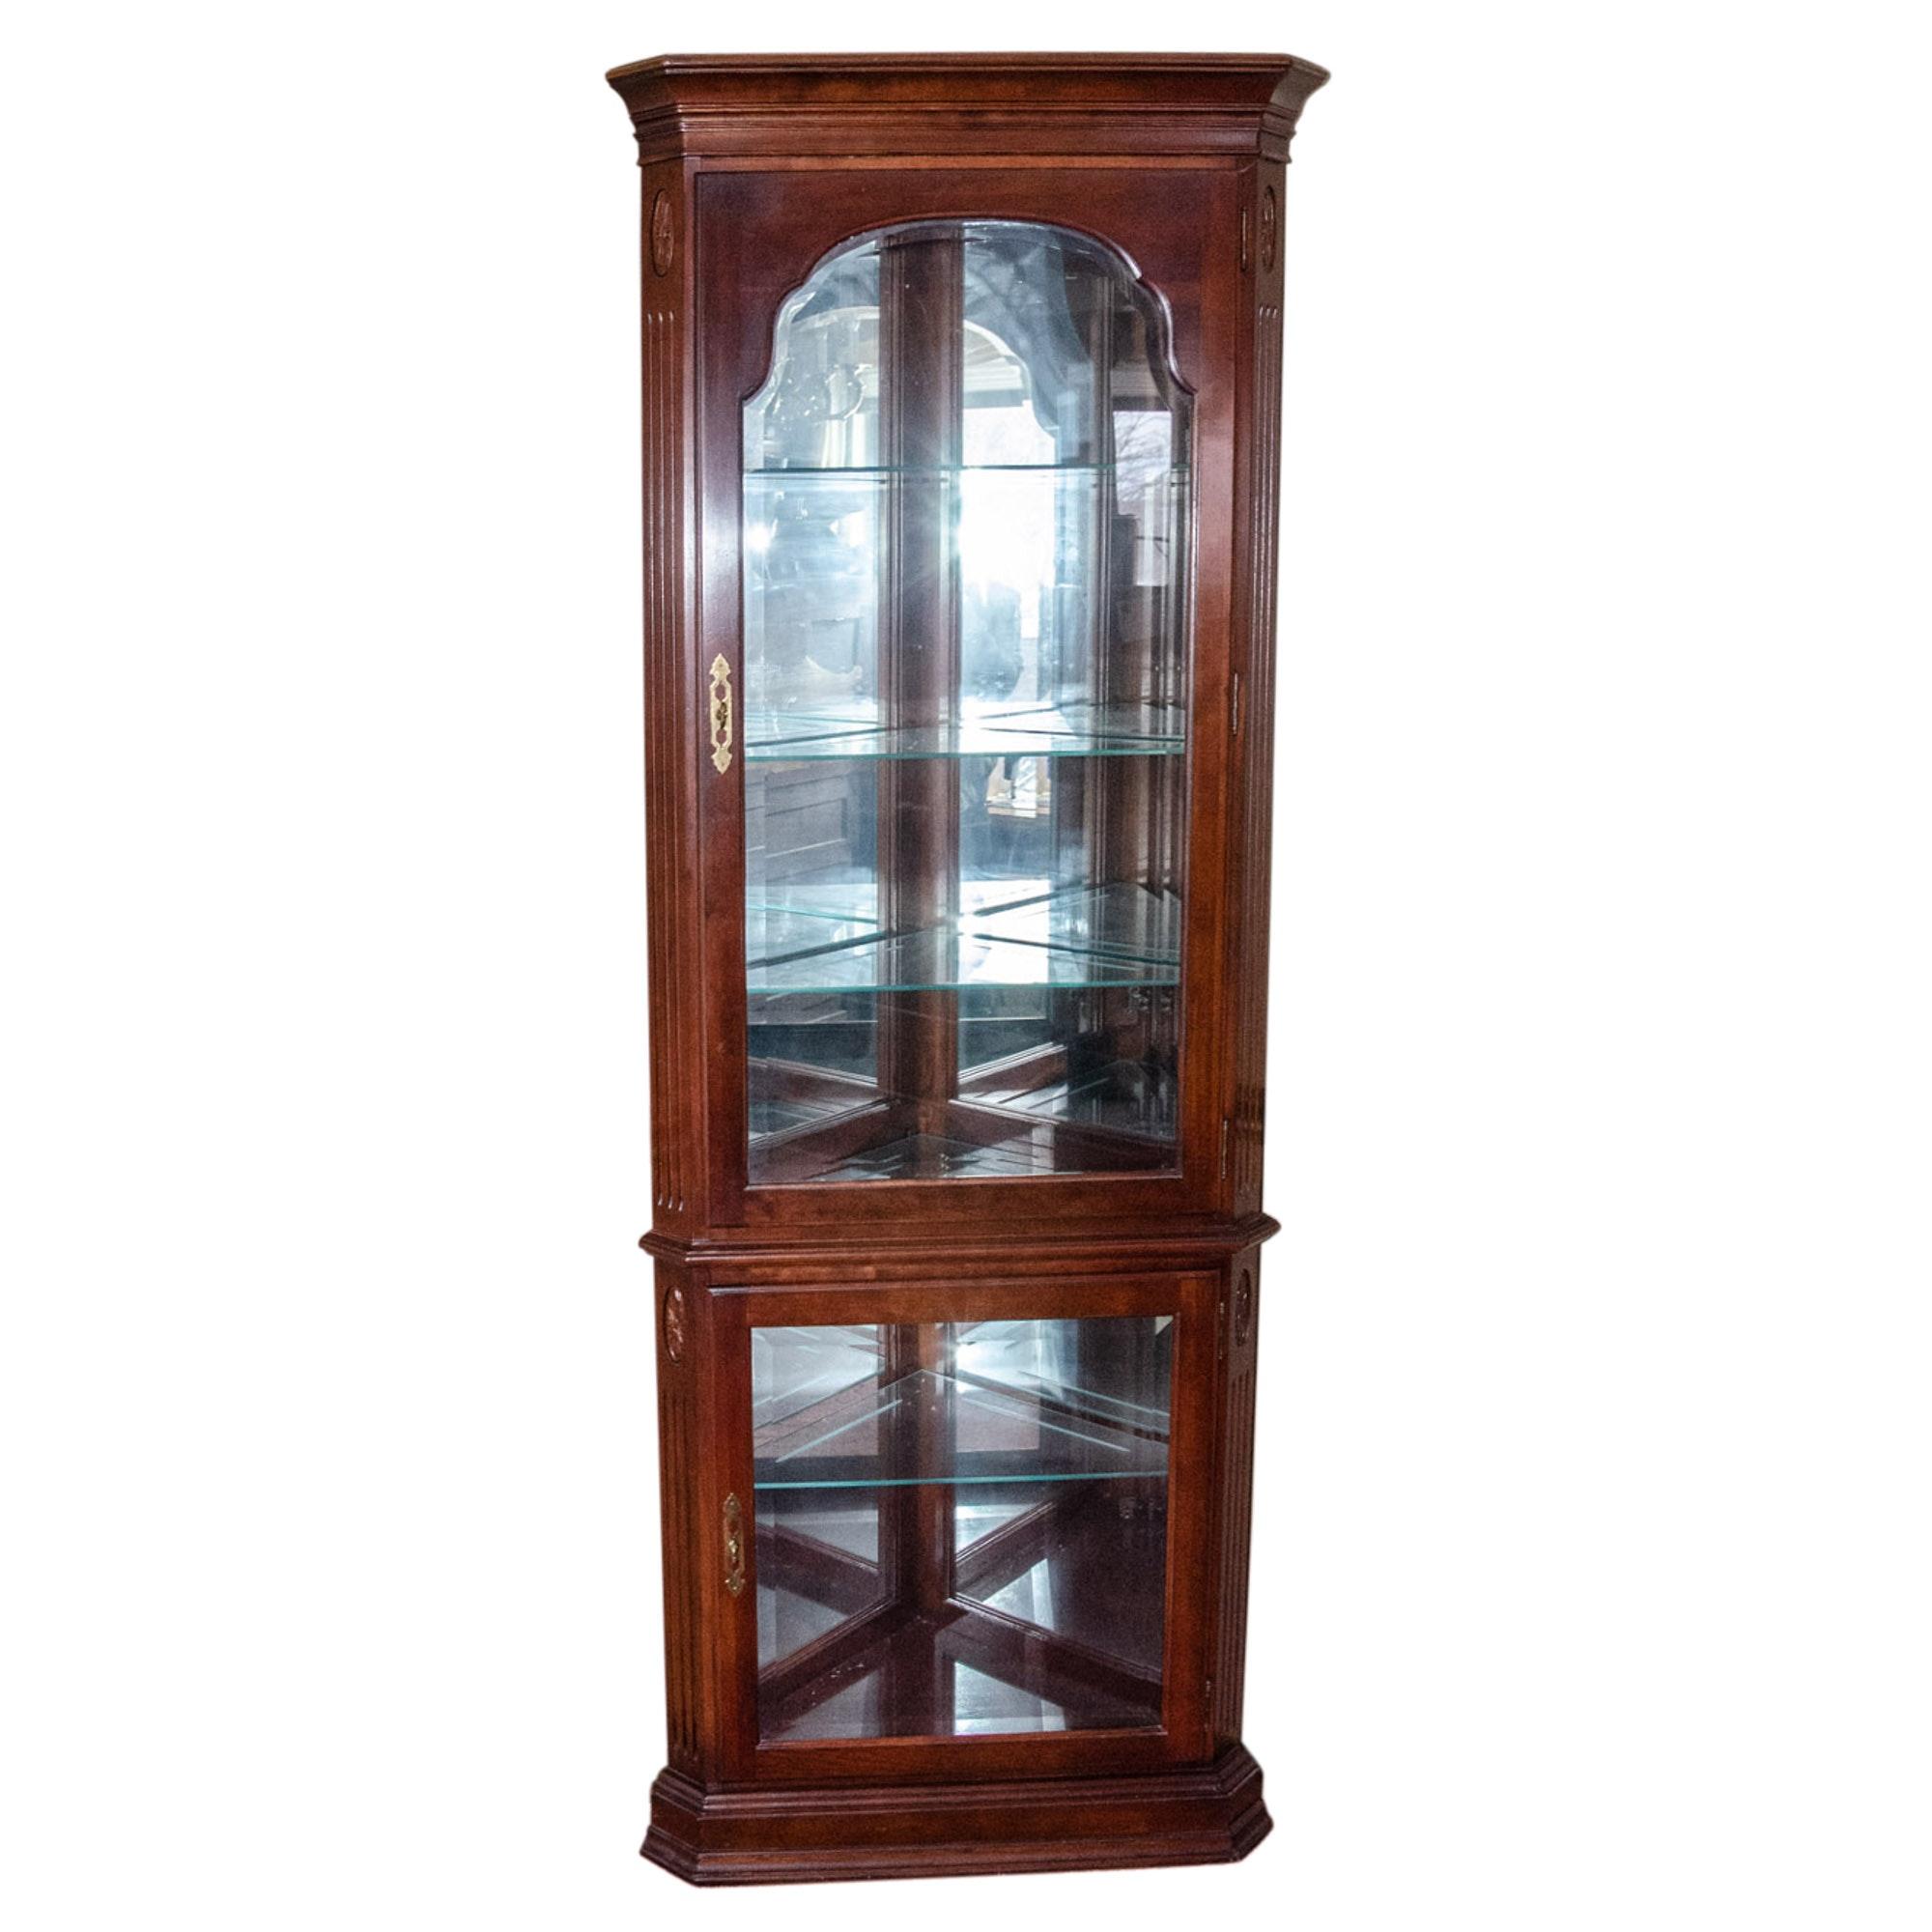 Ethan Allen Illuminated Corner Curio Cabinet